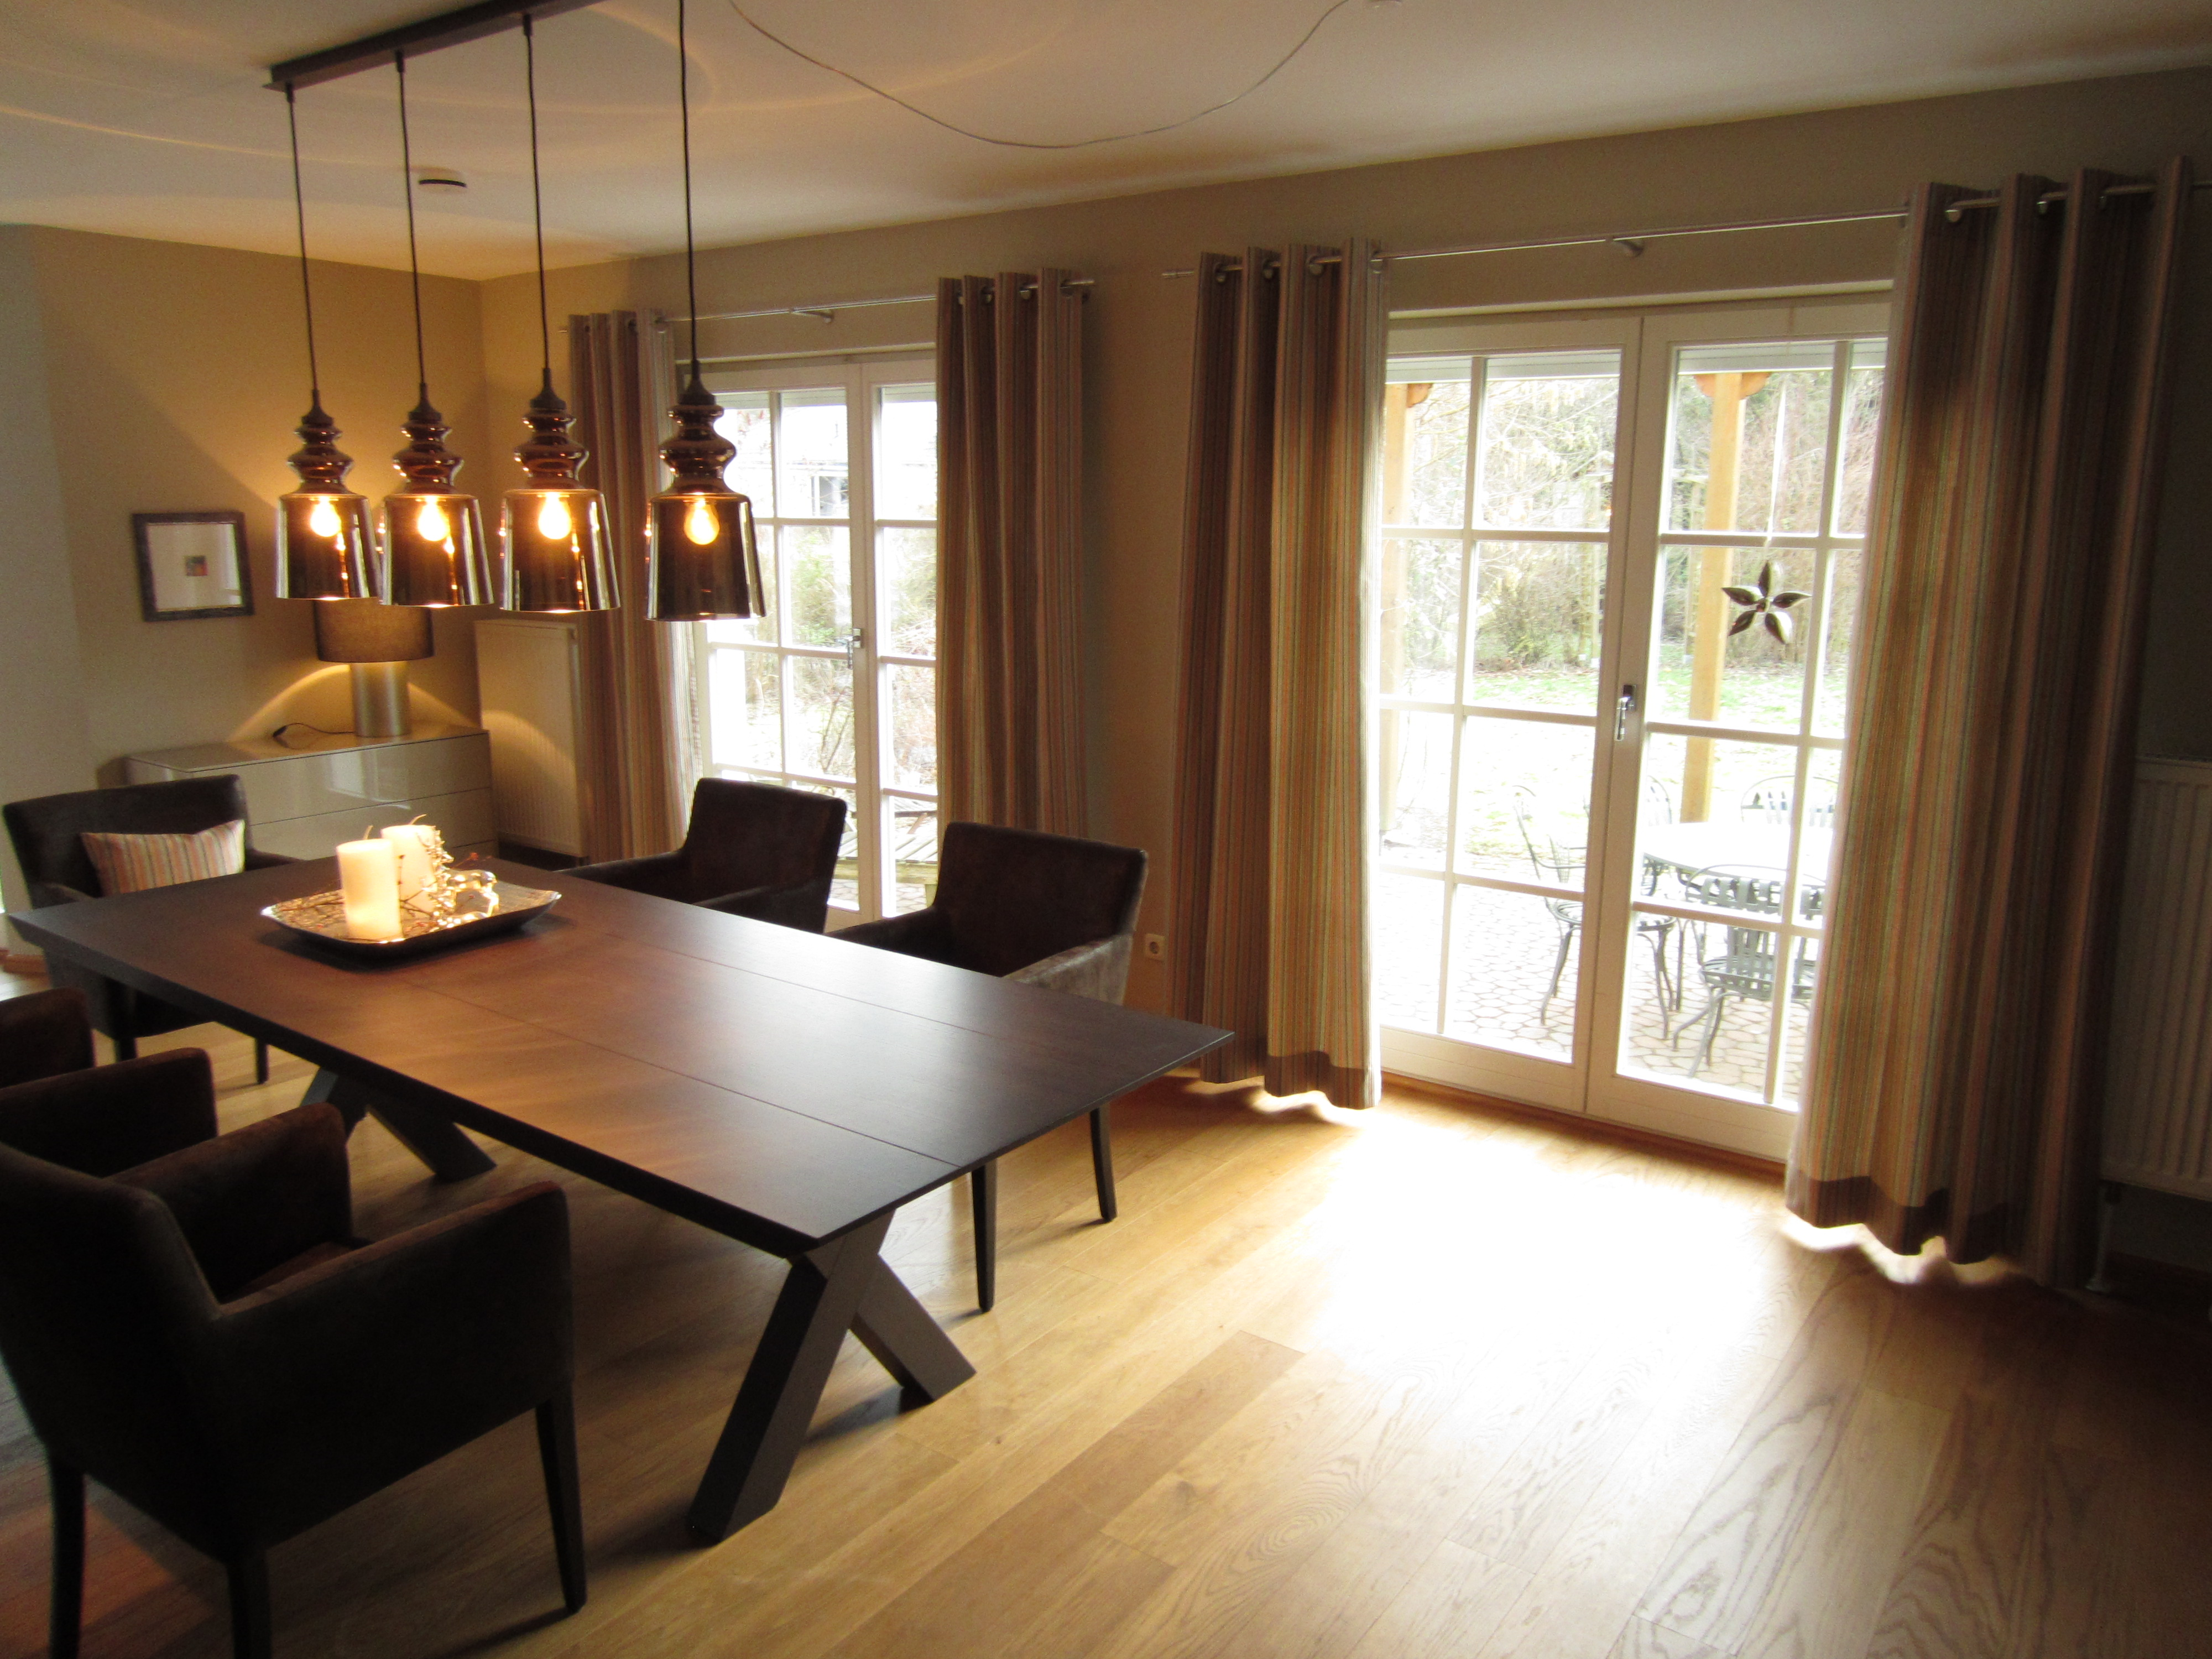 gardinen und vorh nge trebes raumausstattung. Black Bedroom Furniture Sets. Home Design Ideas